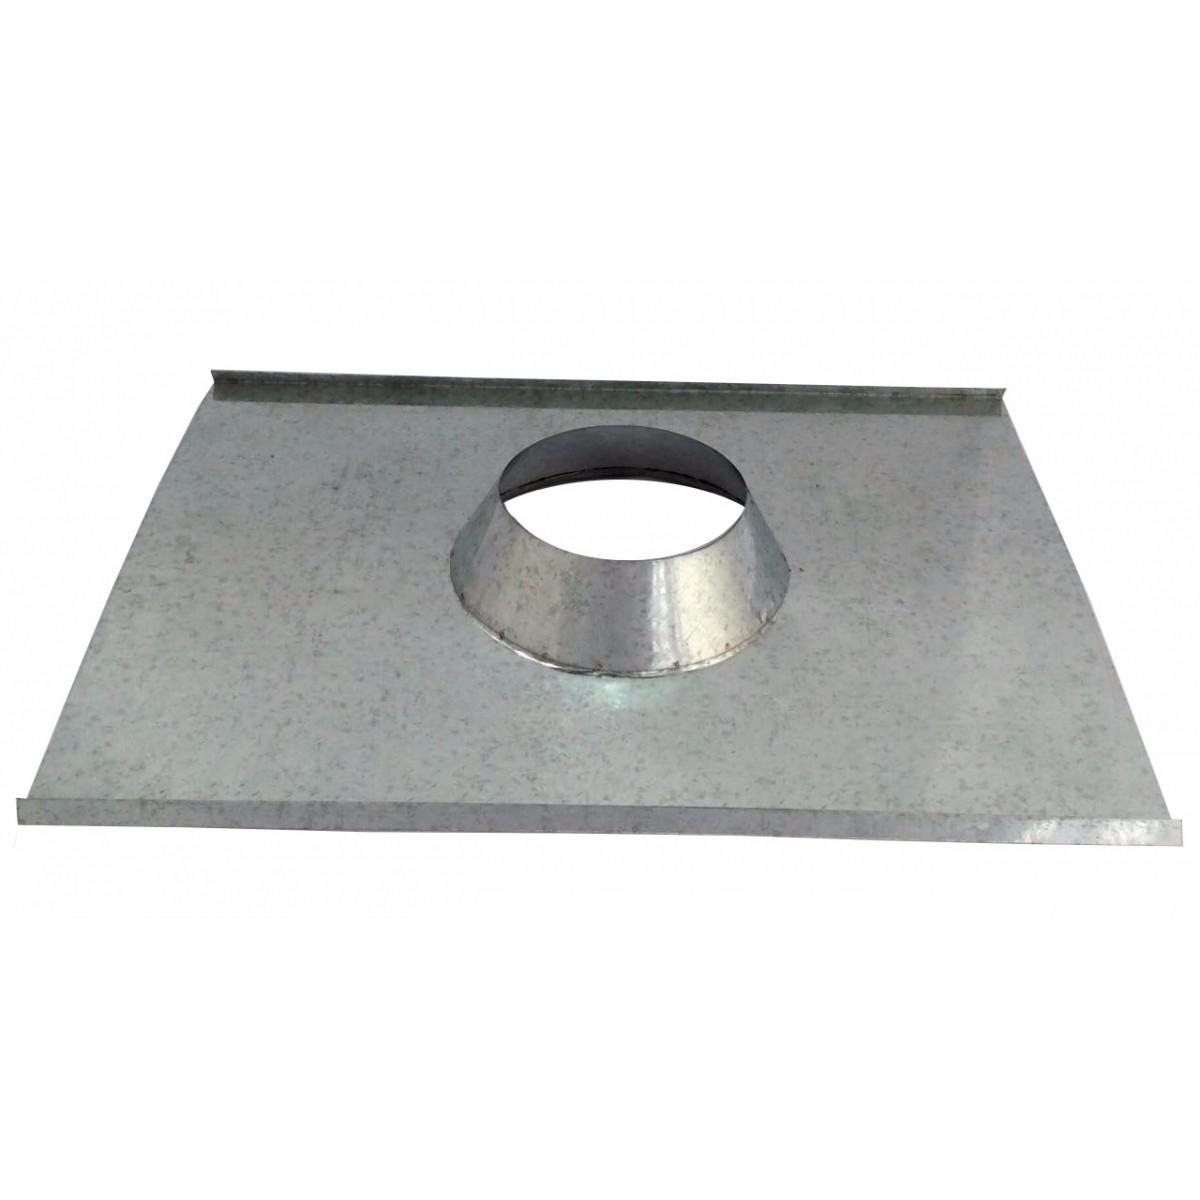 Rufo colarinho de telhado galvanizado para chaminé de 250 mm de diâmetro  - Galvocalhas